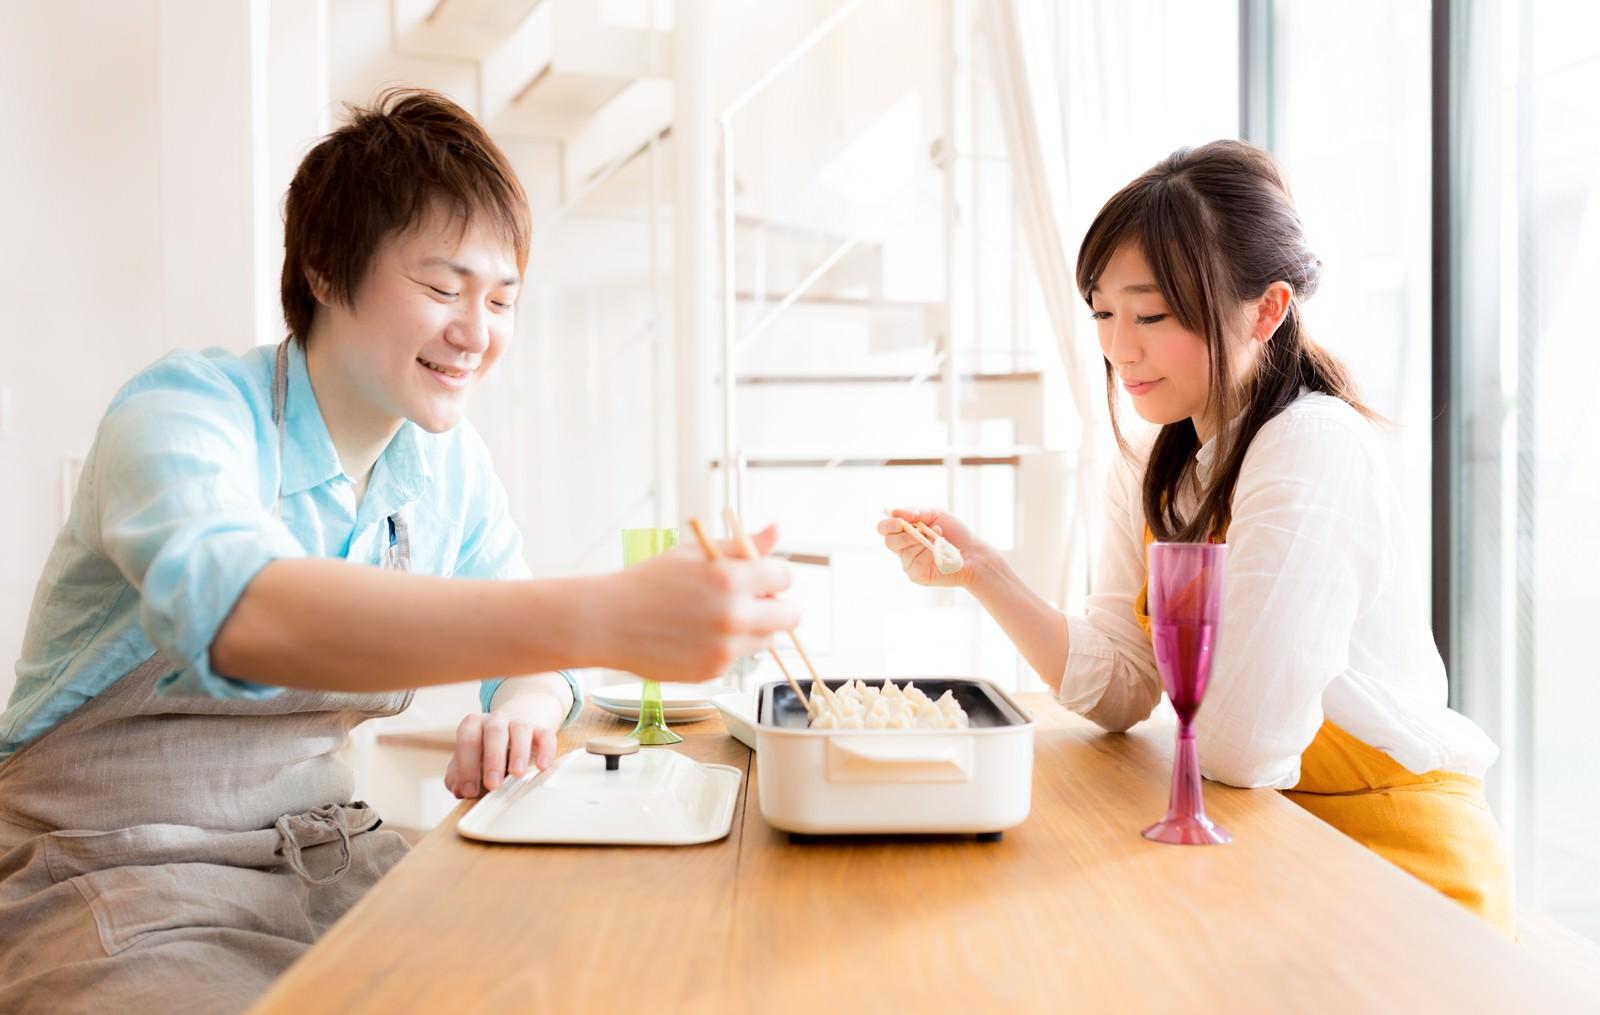 「夫婦仲良く餃子パーリー」の写真[モデル:五十嵐夫妻]